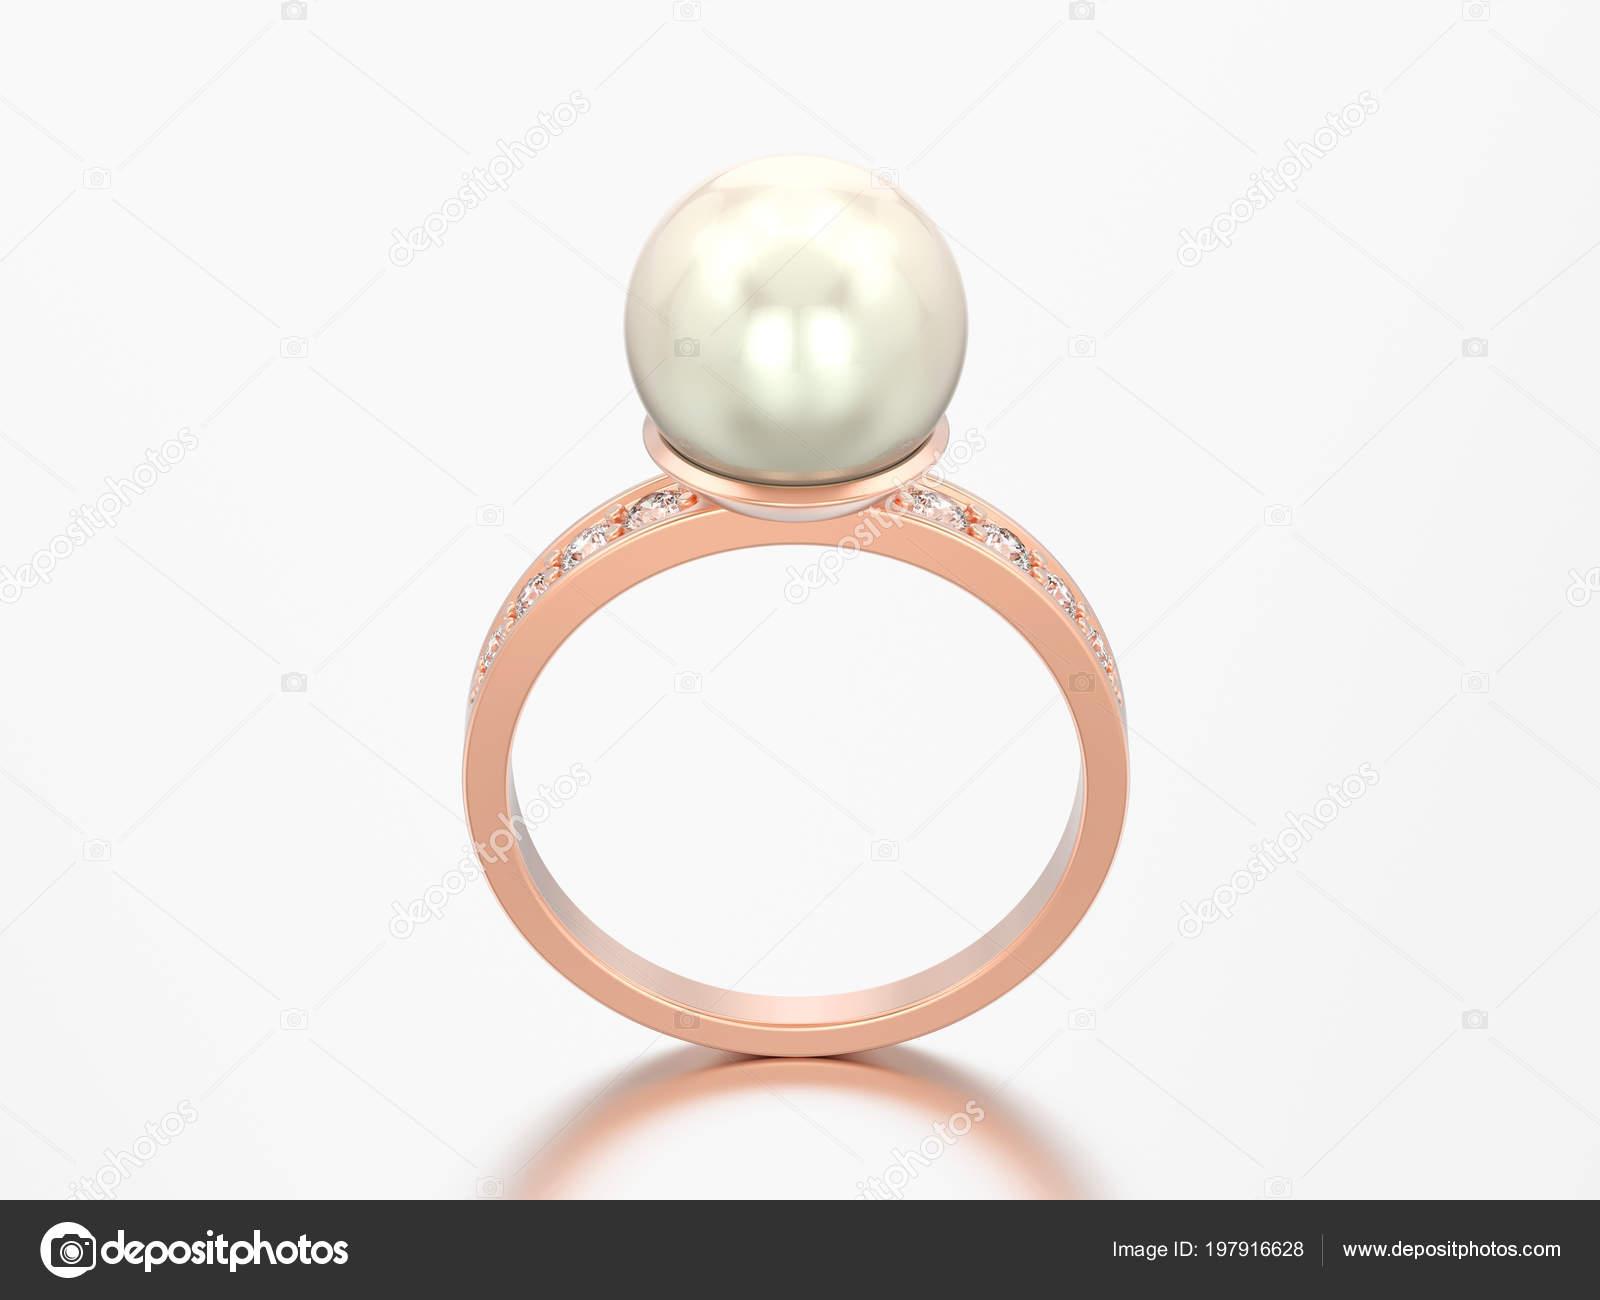 Obrazek Rose Gold Diamond Zasnubni Snubni Prsten Perlou Sedem Pozadi